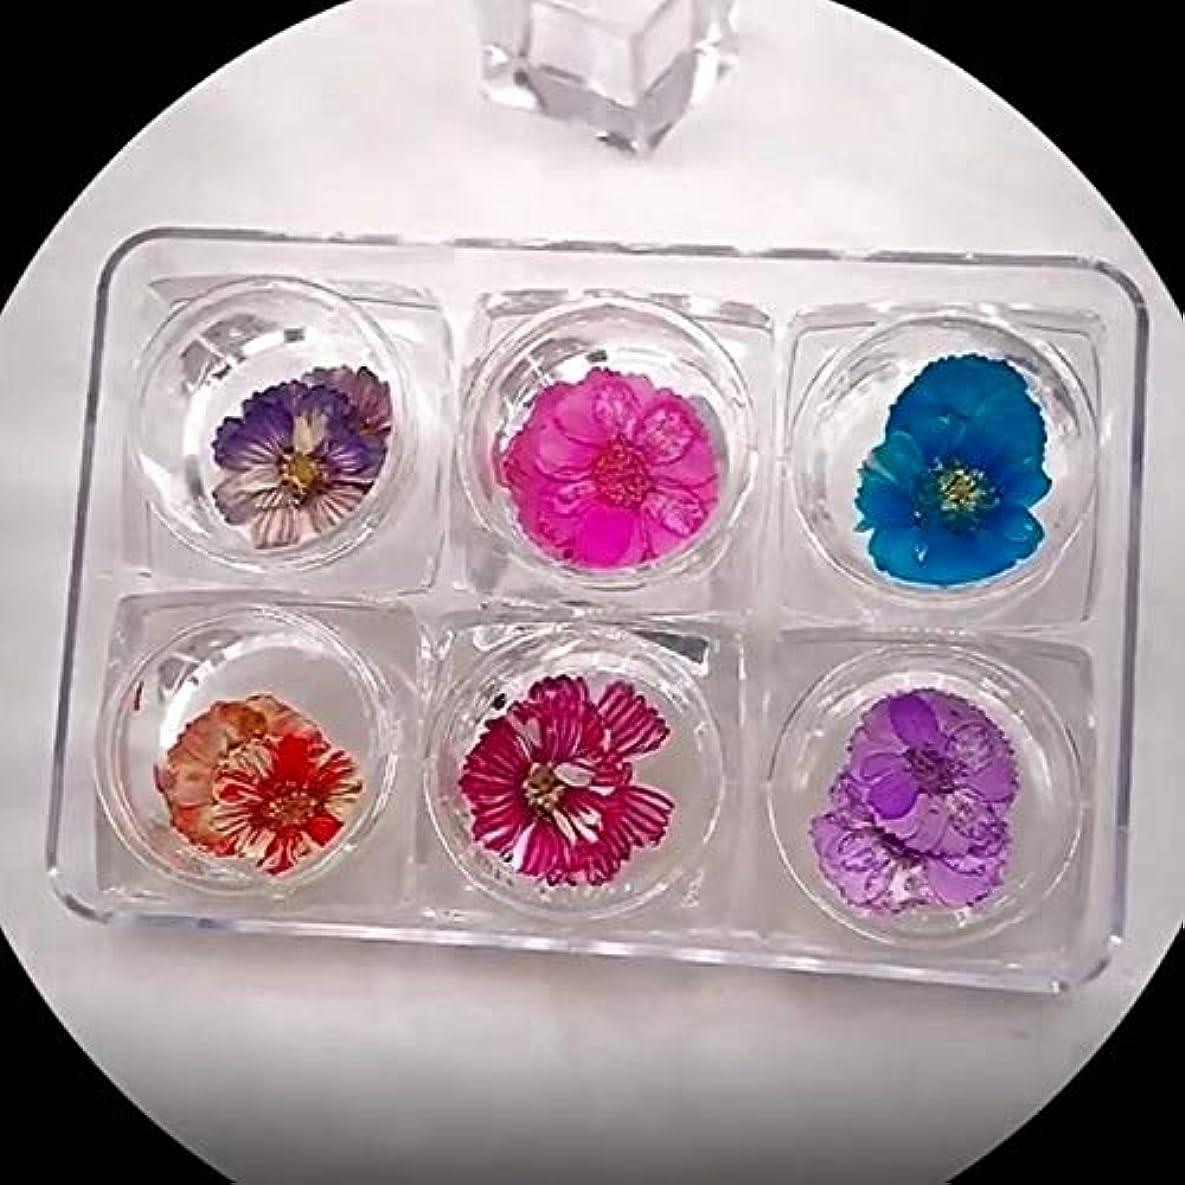 スナップハイブリッド組み込むYoshilimen ペレスレス6色ネイルアートアップリケジュエリーセット日本語乾燥花花びら永遠の花の結晶装飾(None Picture Color)